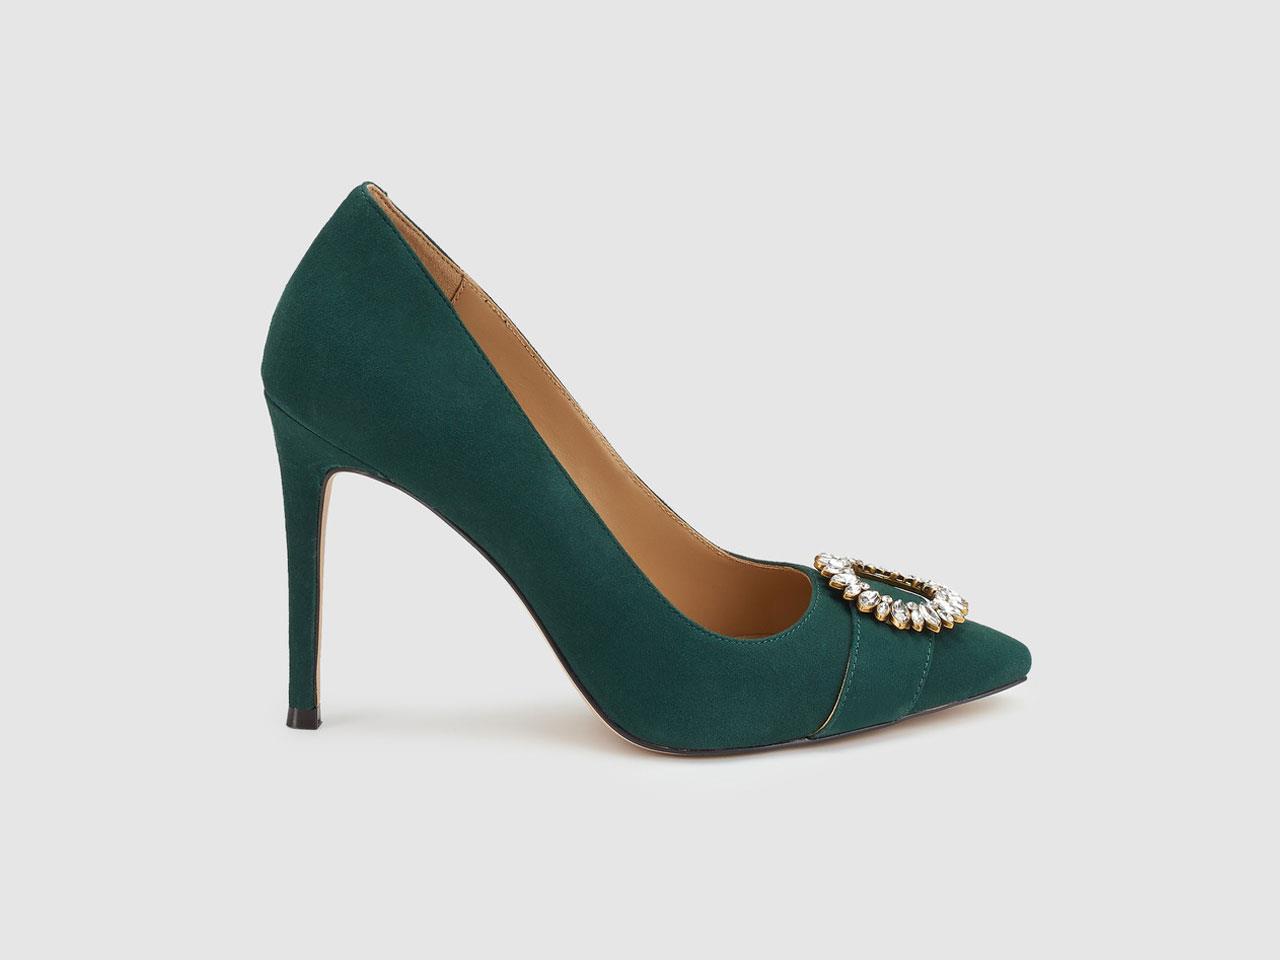 Muy En De Corte Estos Inglés Están Marca Rebajados Zapatos El qVpMSGUz